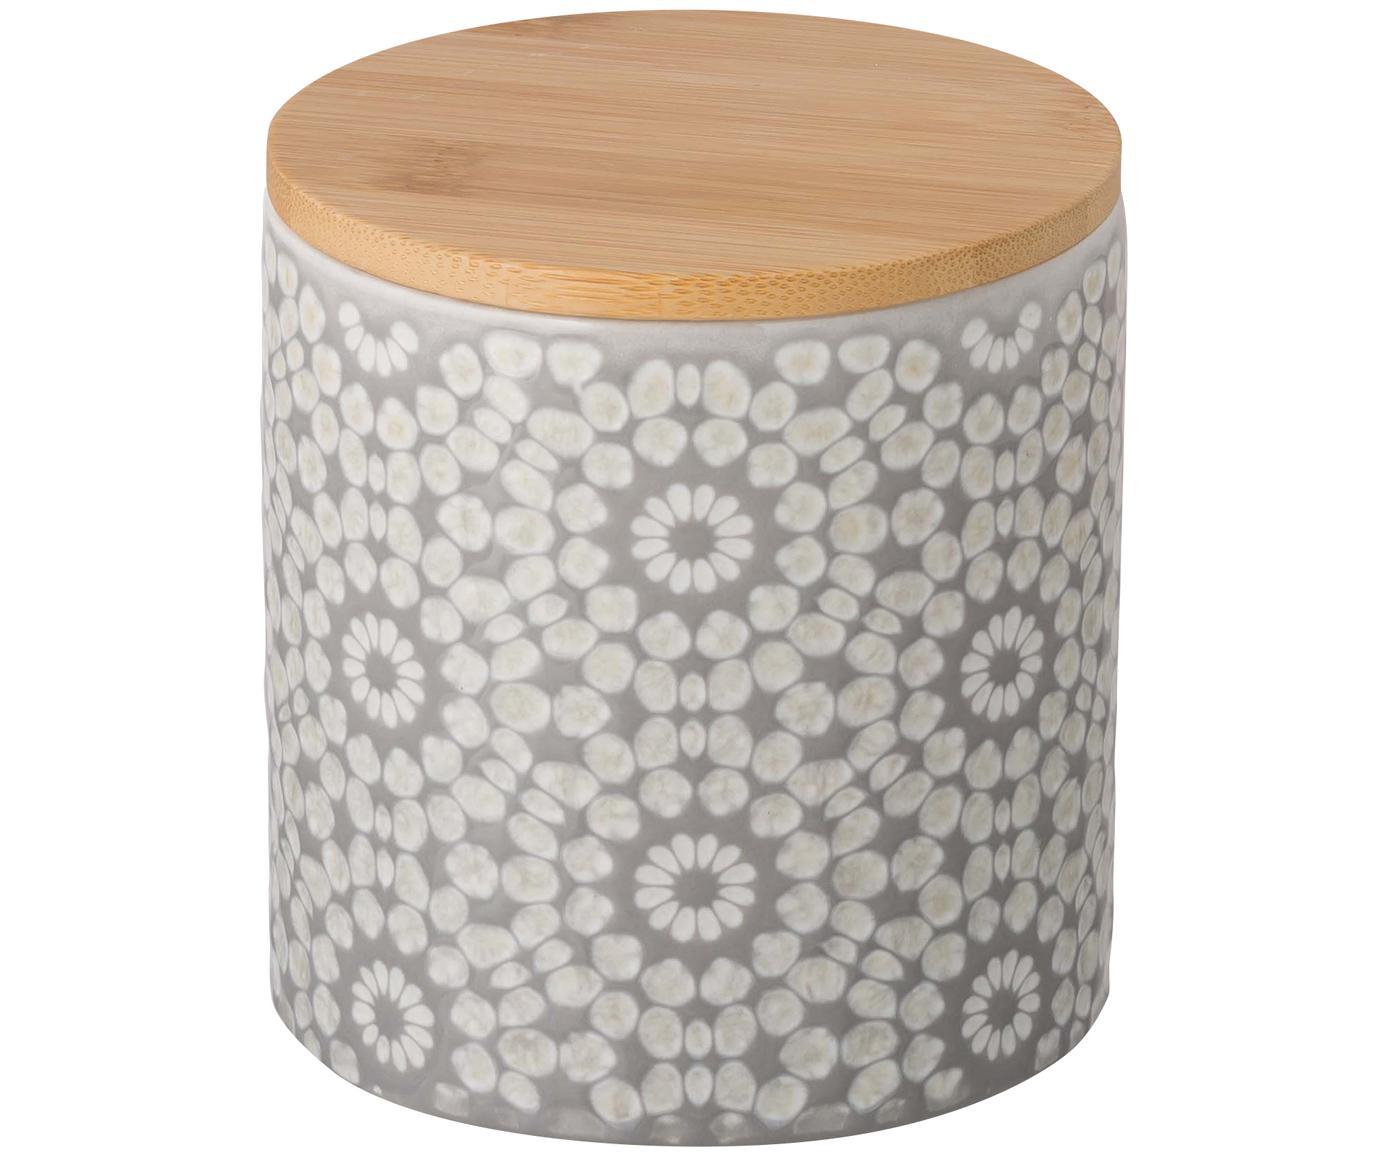 Contenitore con coperchio Abella, Contenitore: ceramica, Coperchio: legno di bambù, Contenitore: grigio chiaro, bianco Coperchio: legno di bambù, Ø 11 x Alt. 12 cm